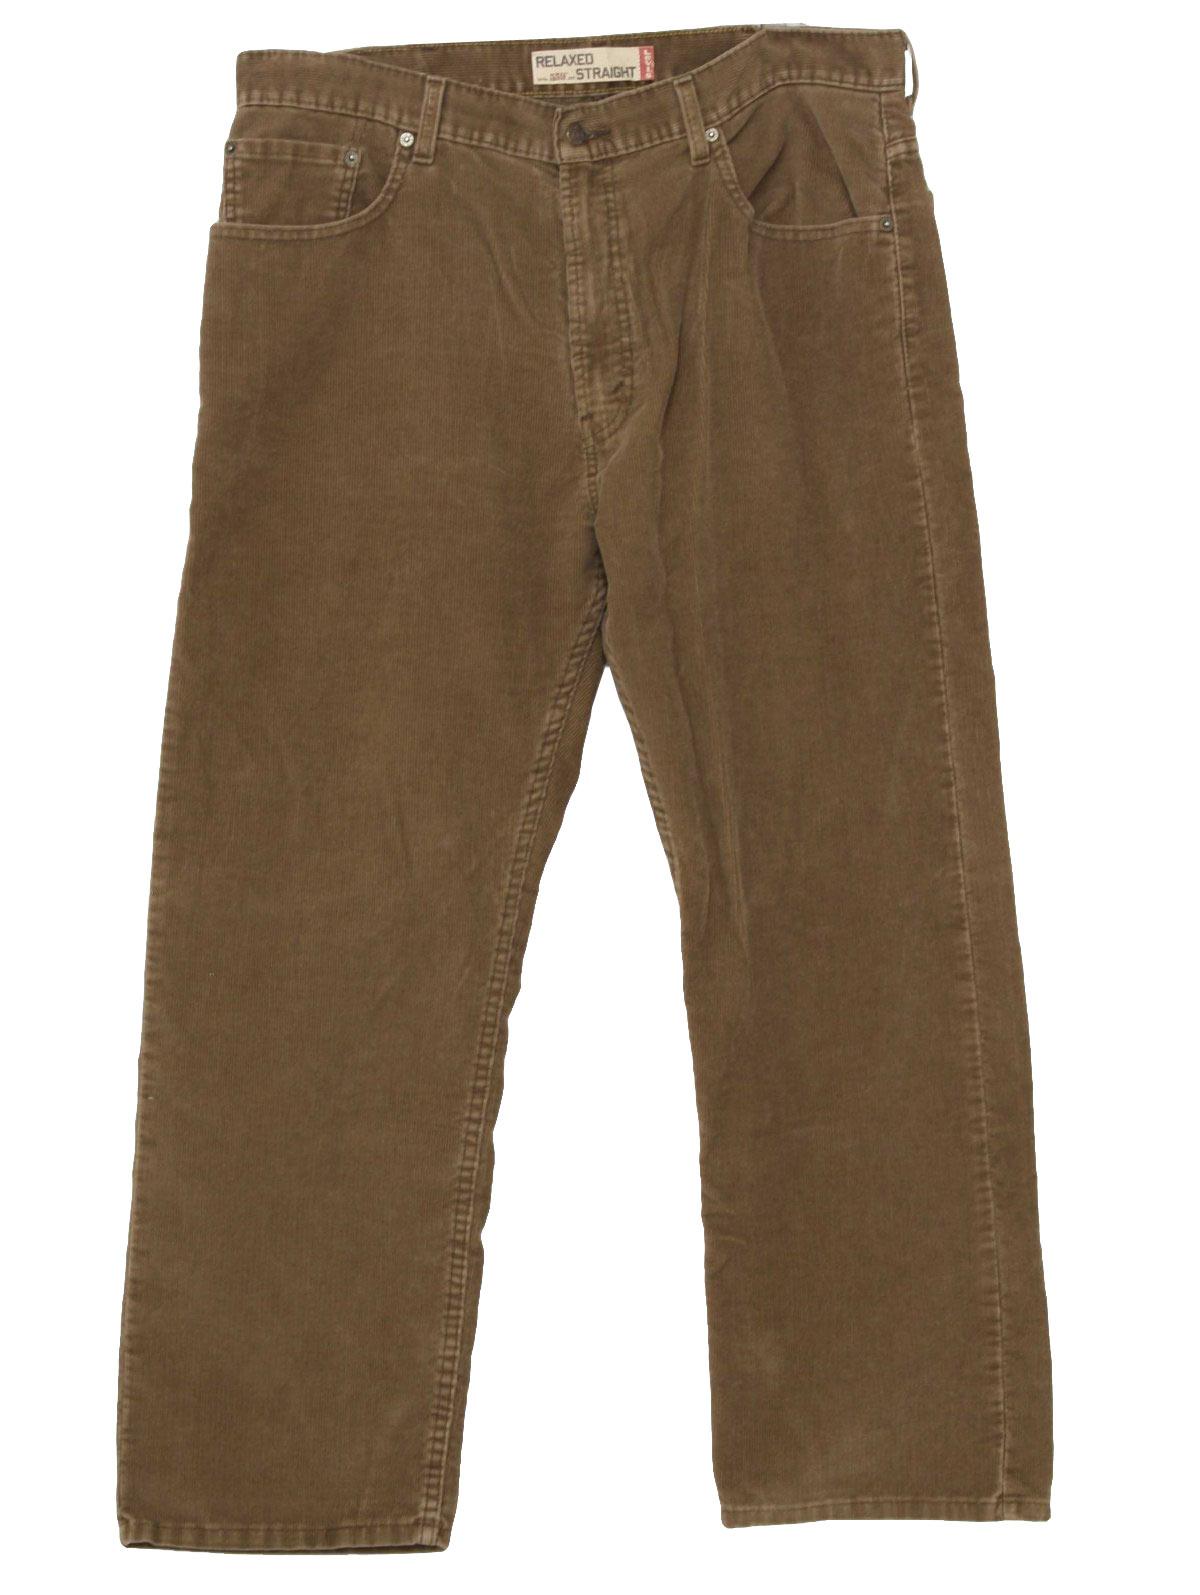 1990's Vintage Levis Pants: 90s -Levis- Mens light brown cotton ...